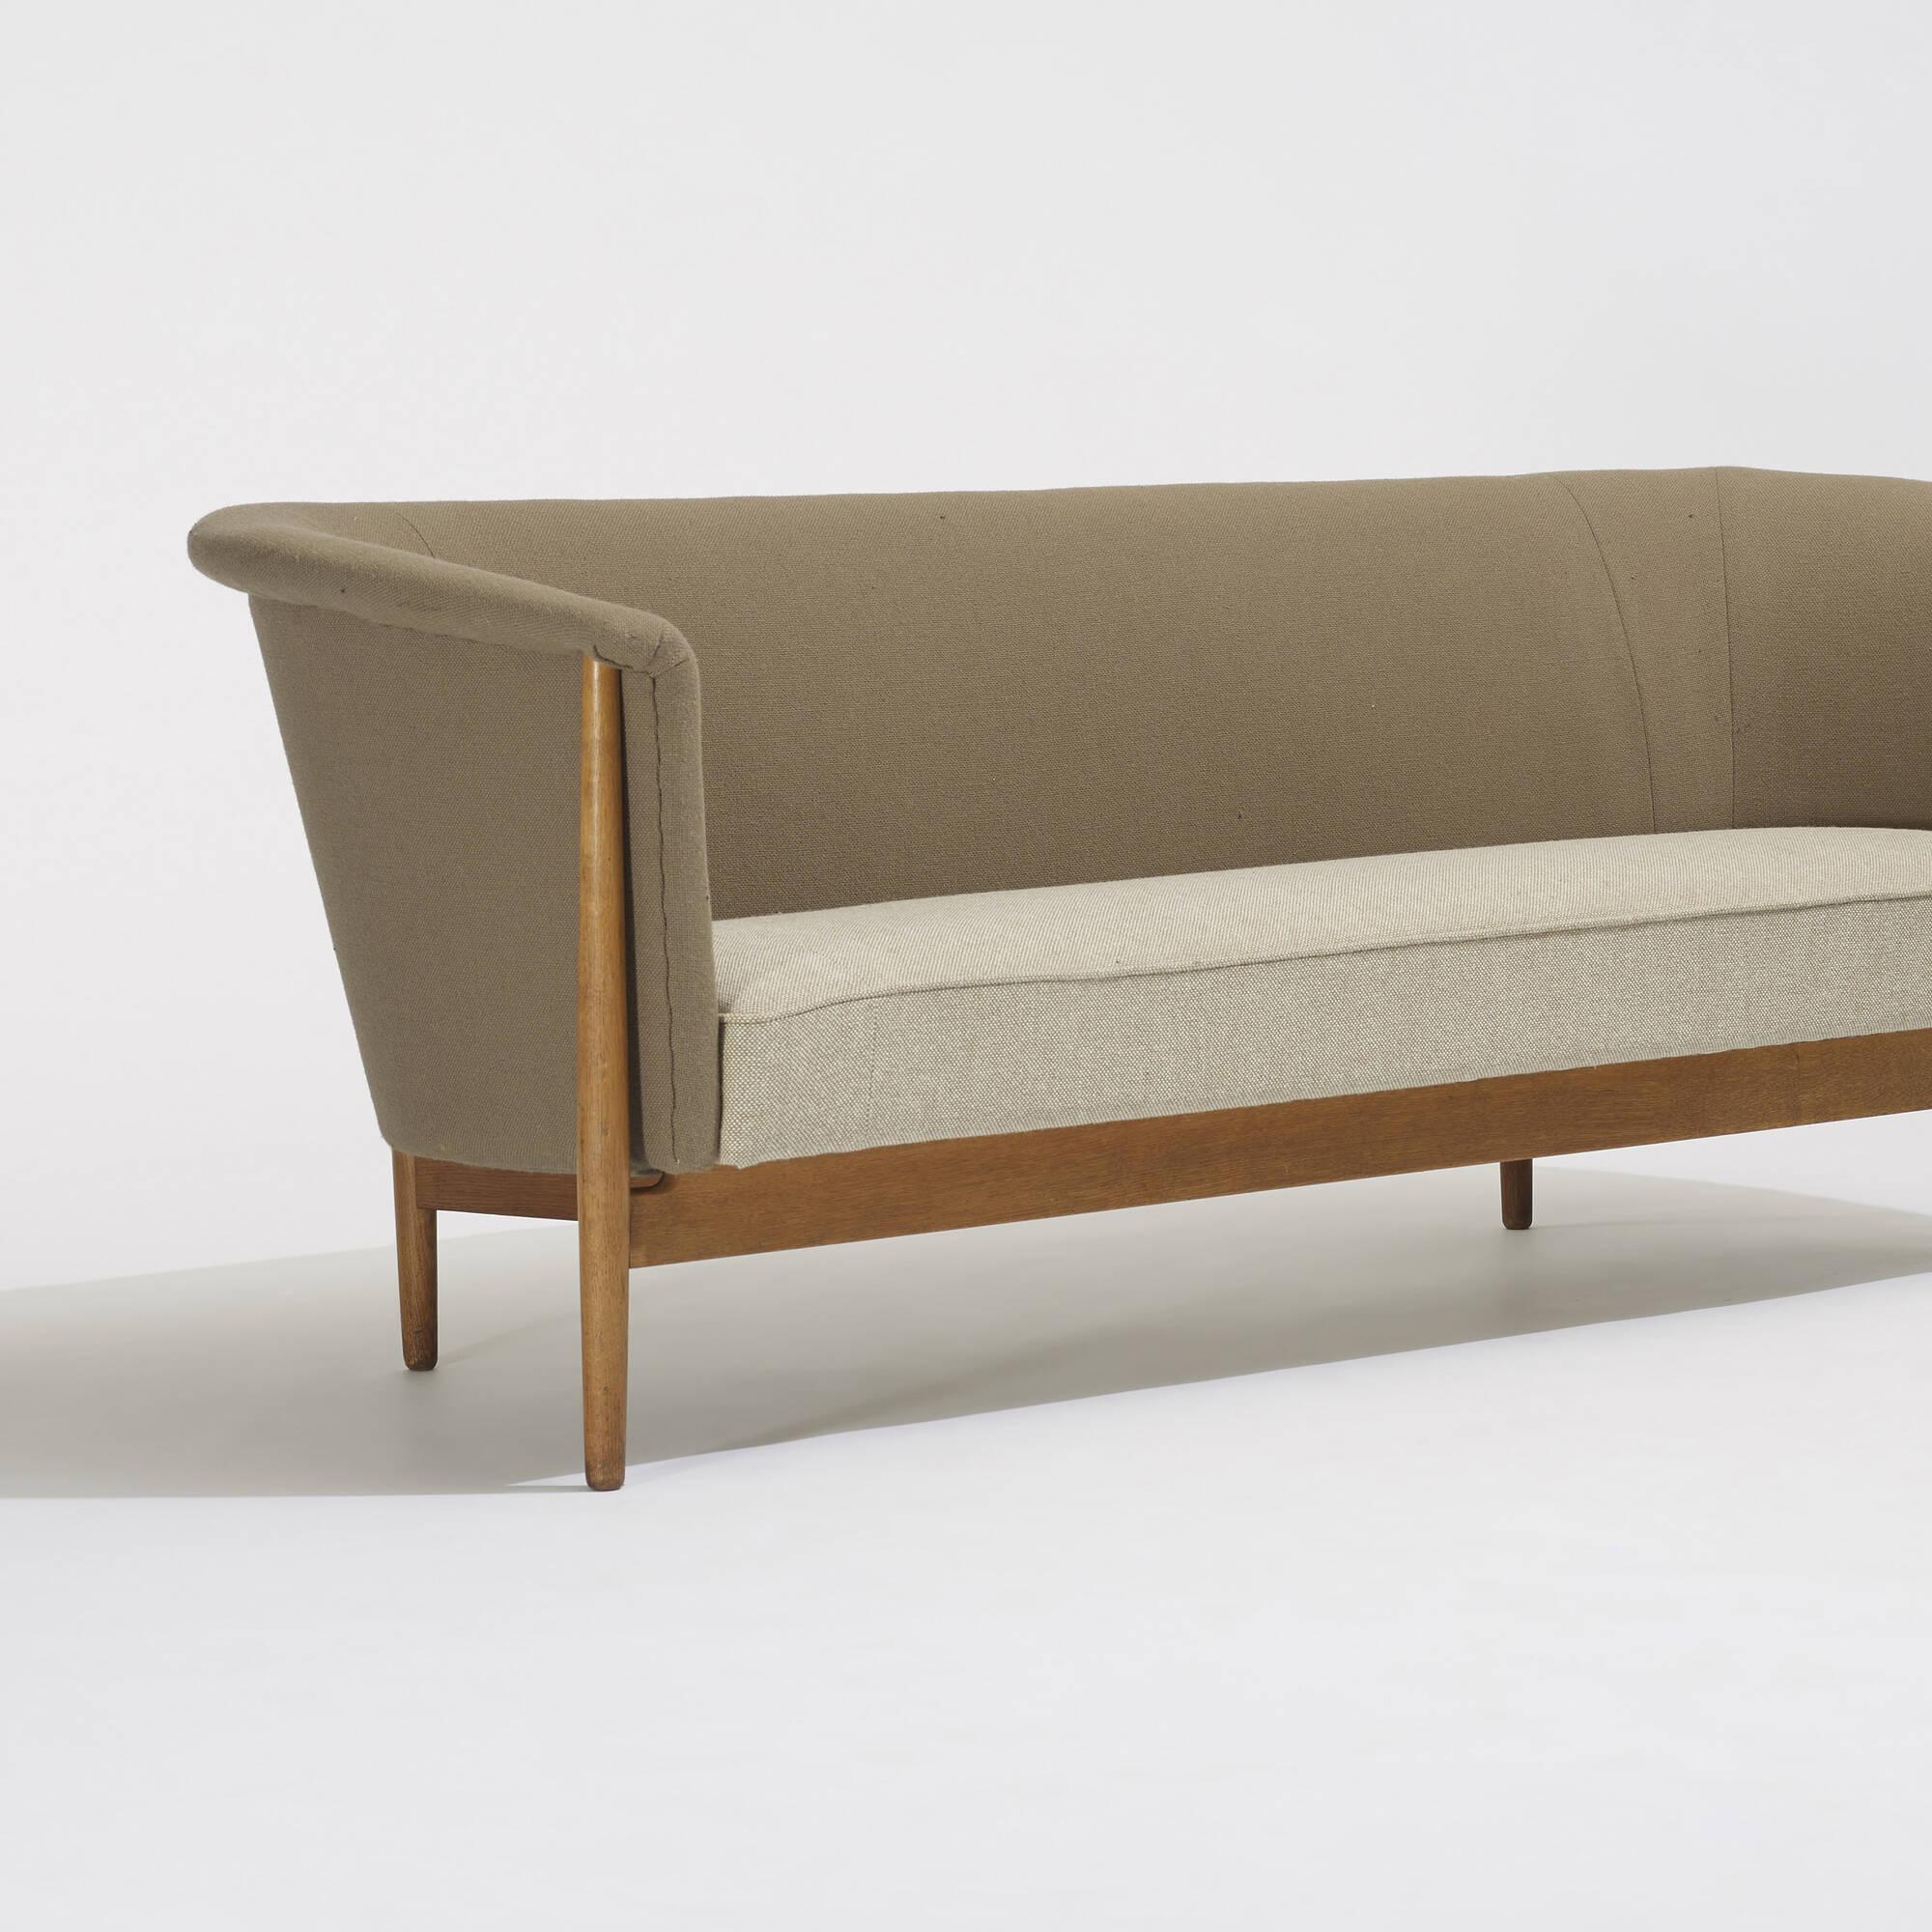 283 Nanna Ditzel Sofa